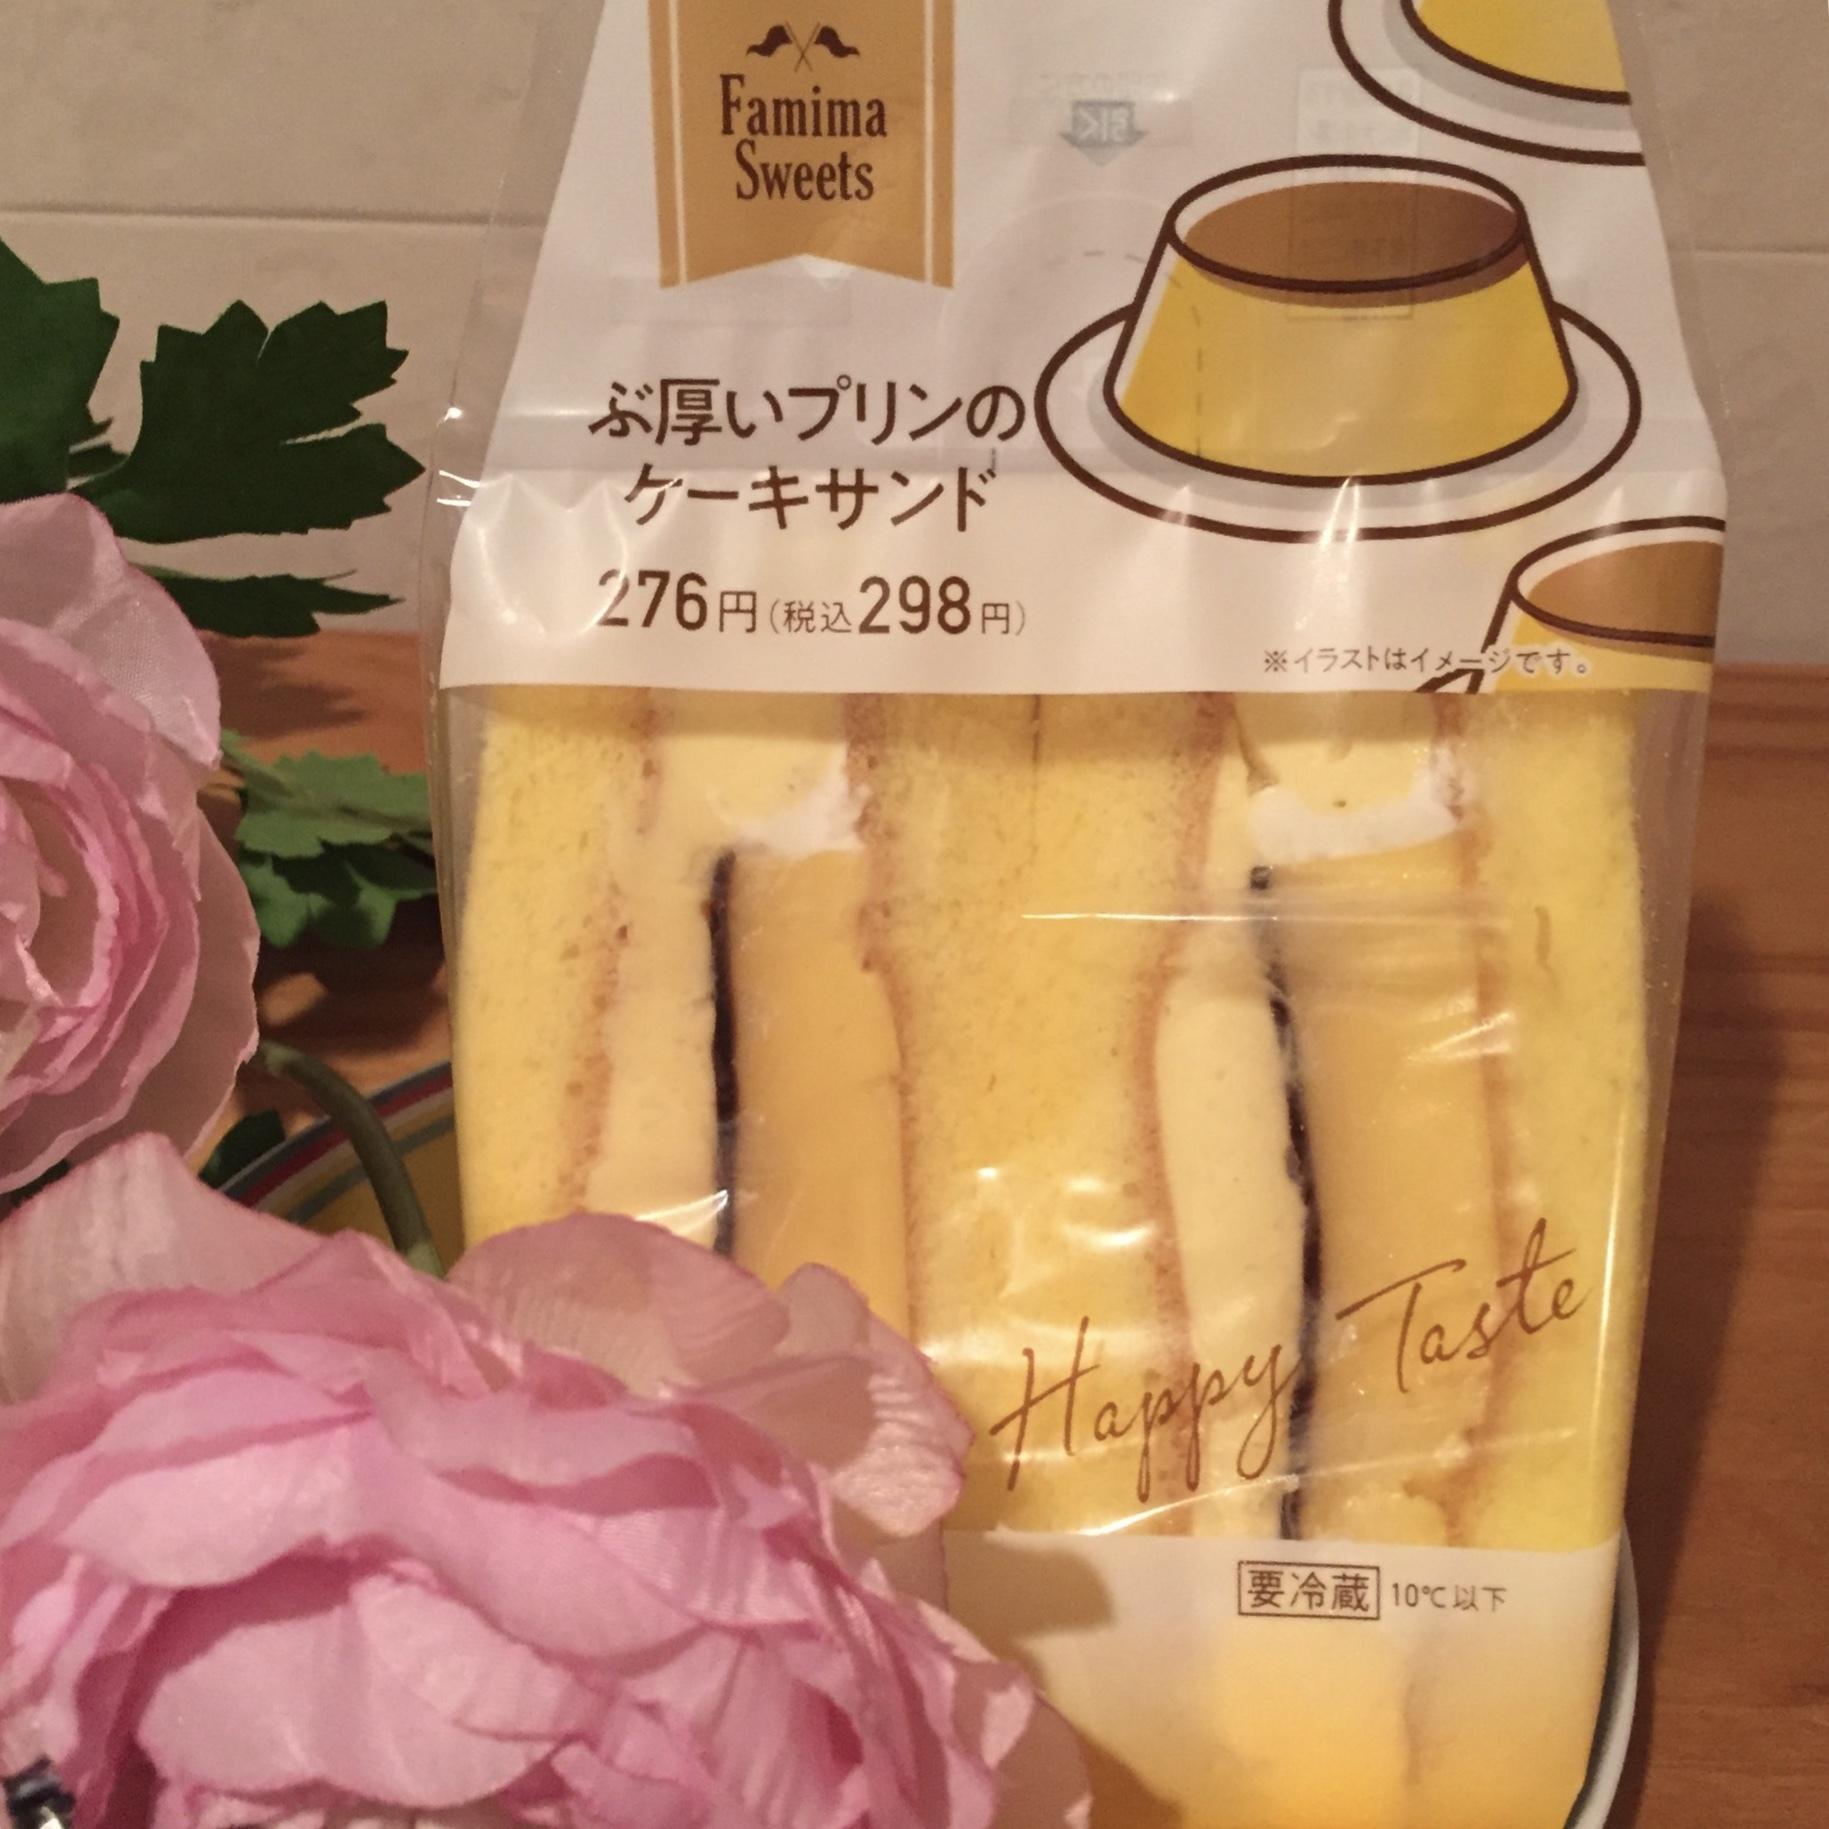 【ファミマ】プリン系スイーツ2種食べ比べ_1_1-1